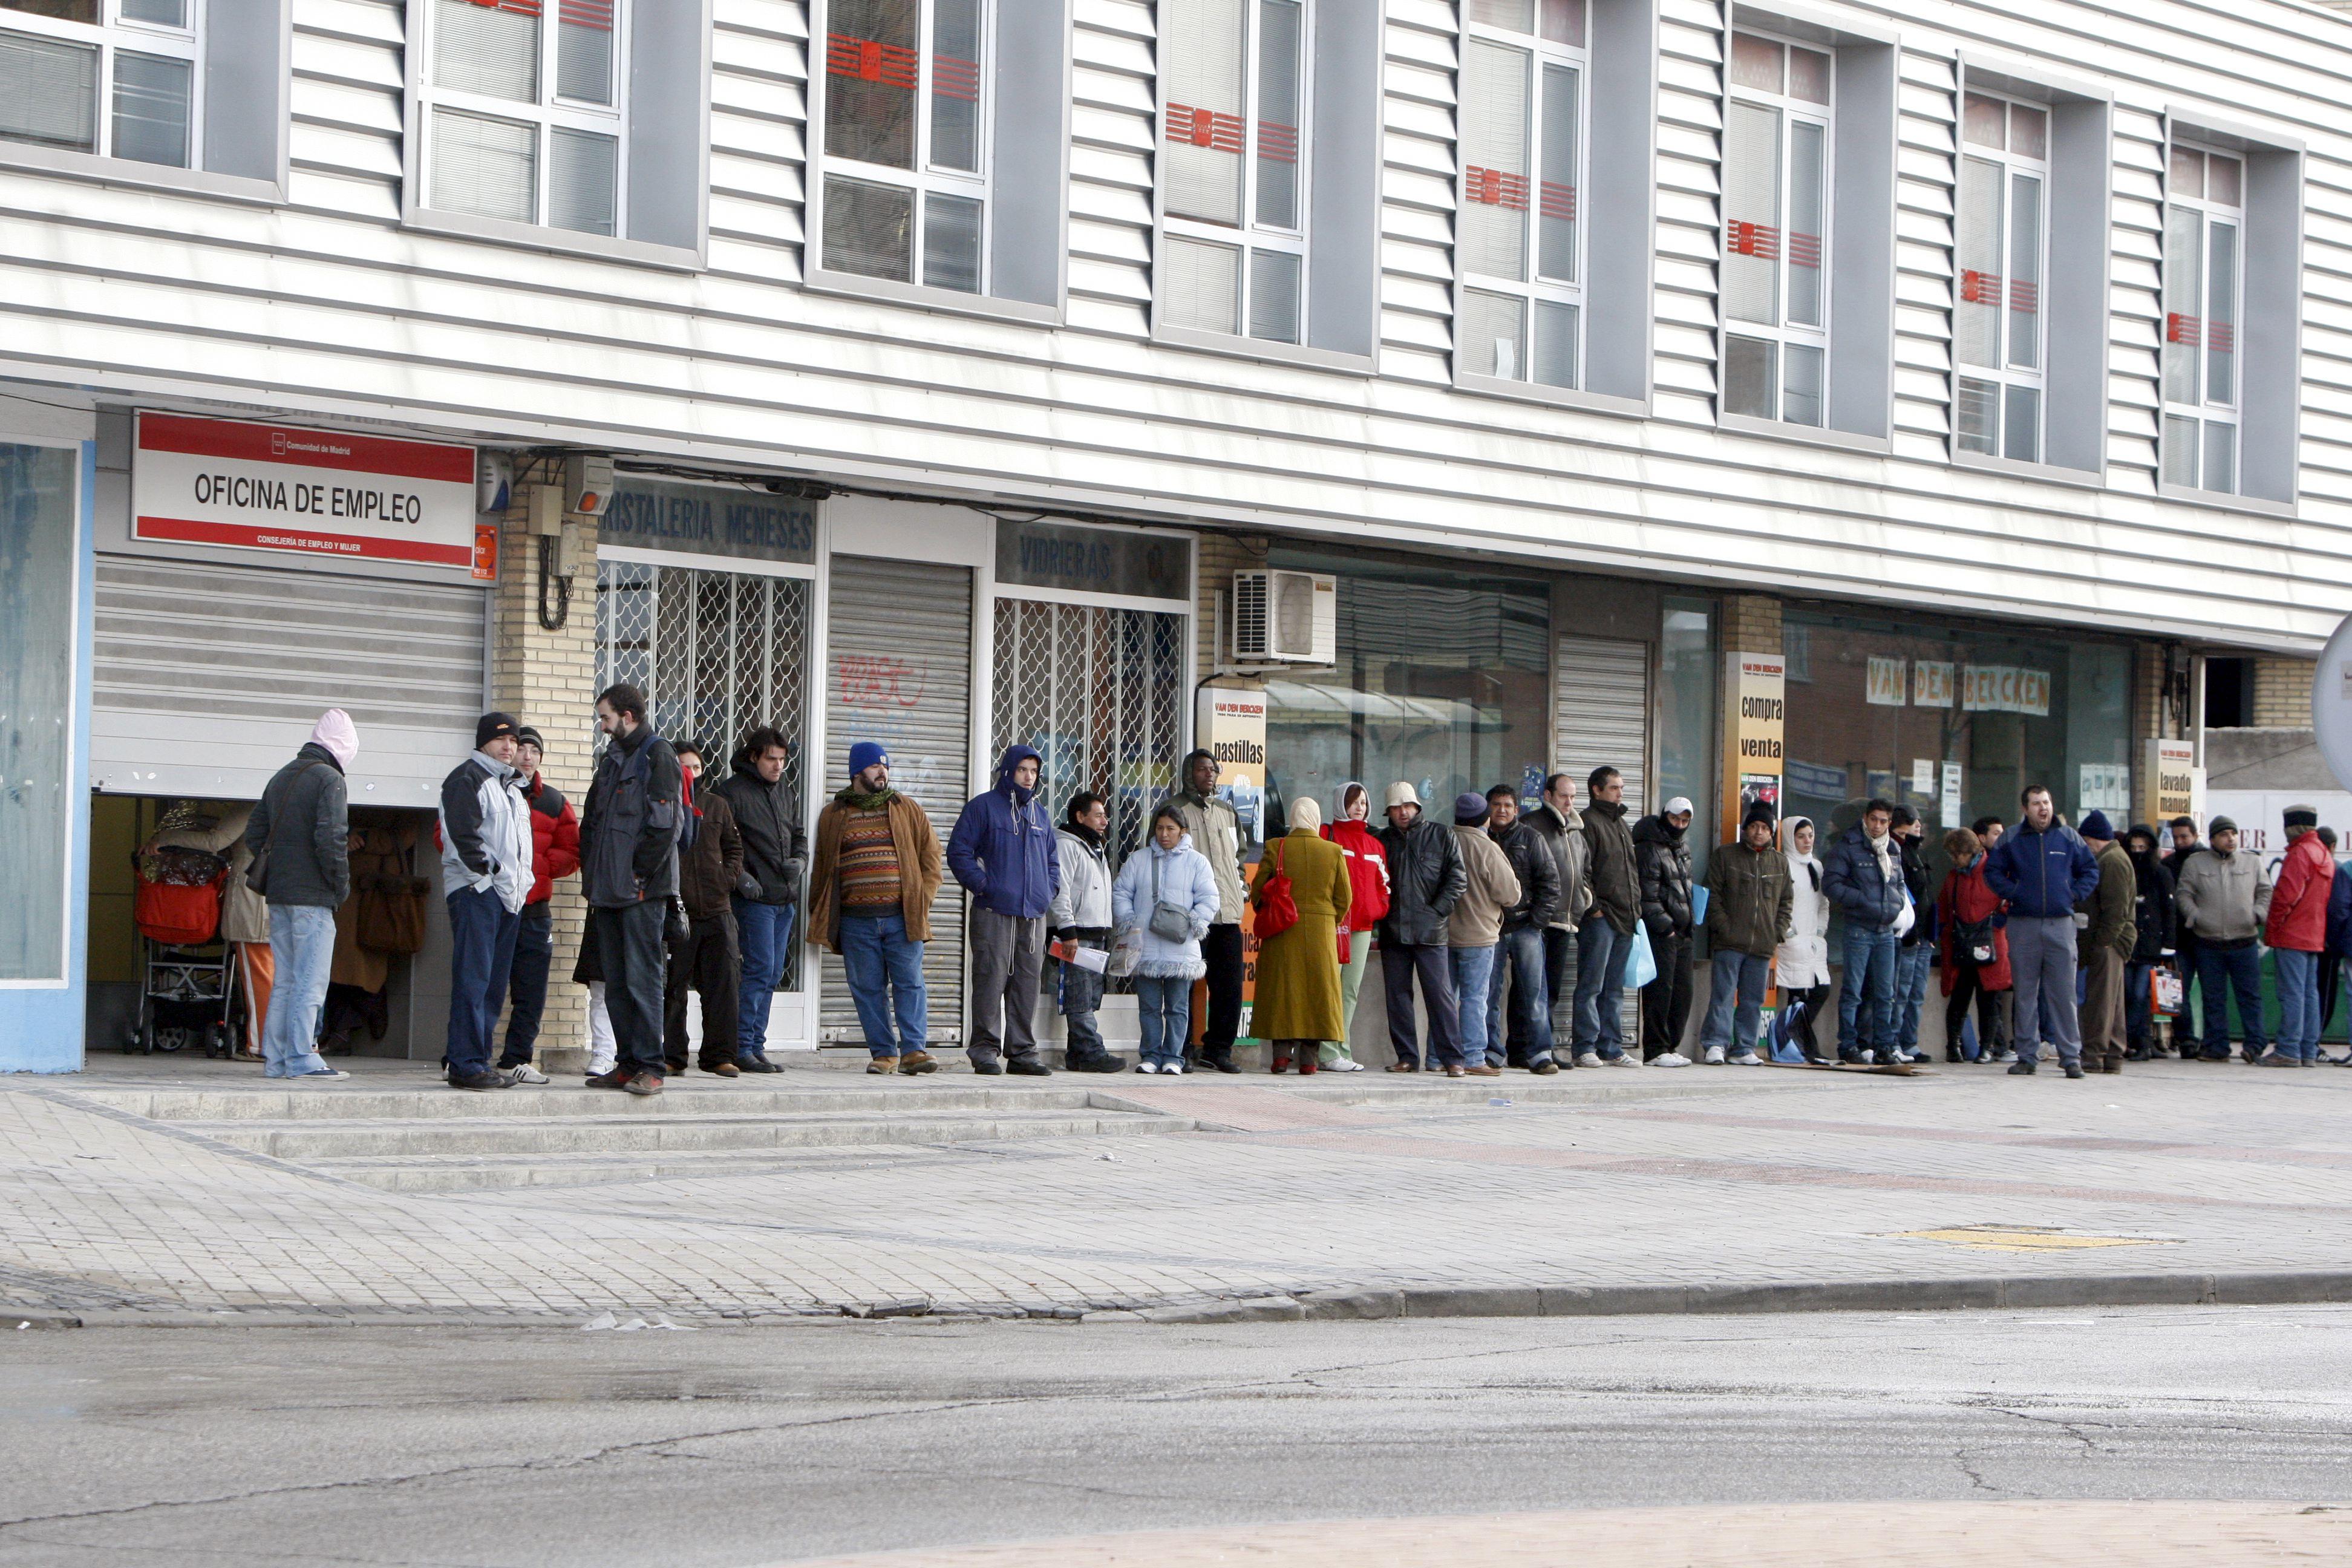 Latinoamérica sale fortalecida de la crisis por el aumento de su clase media